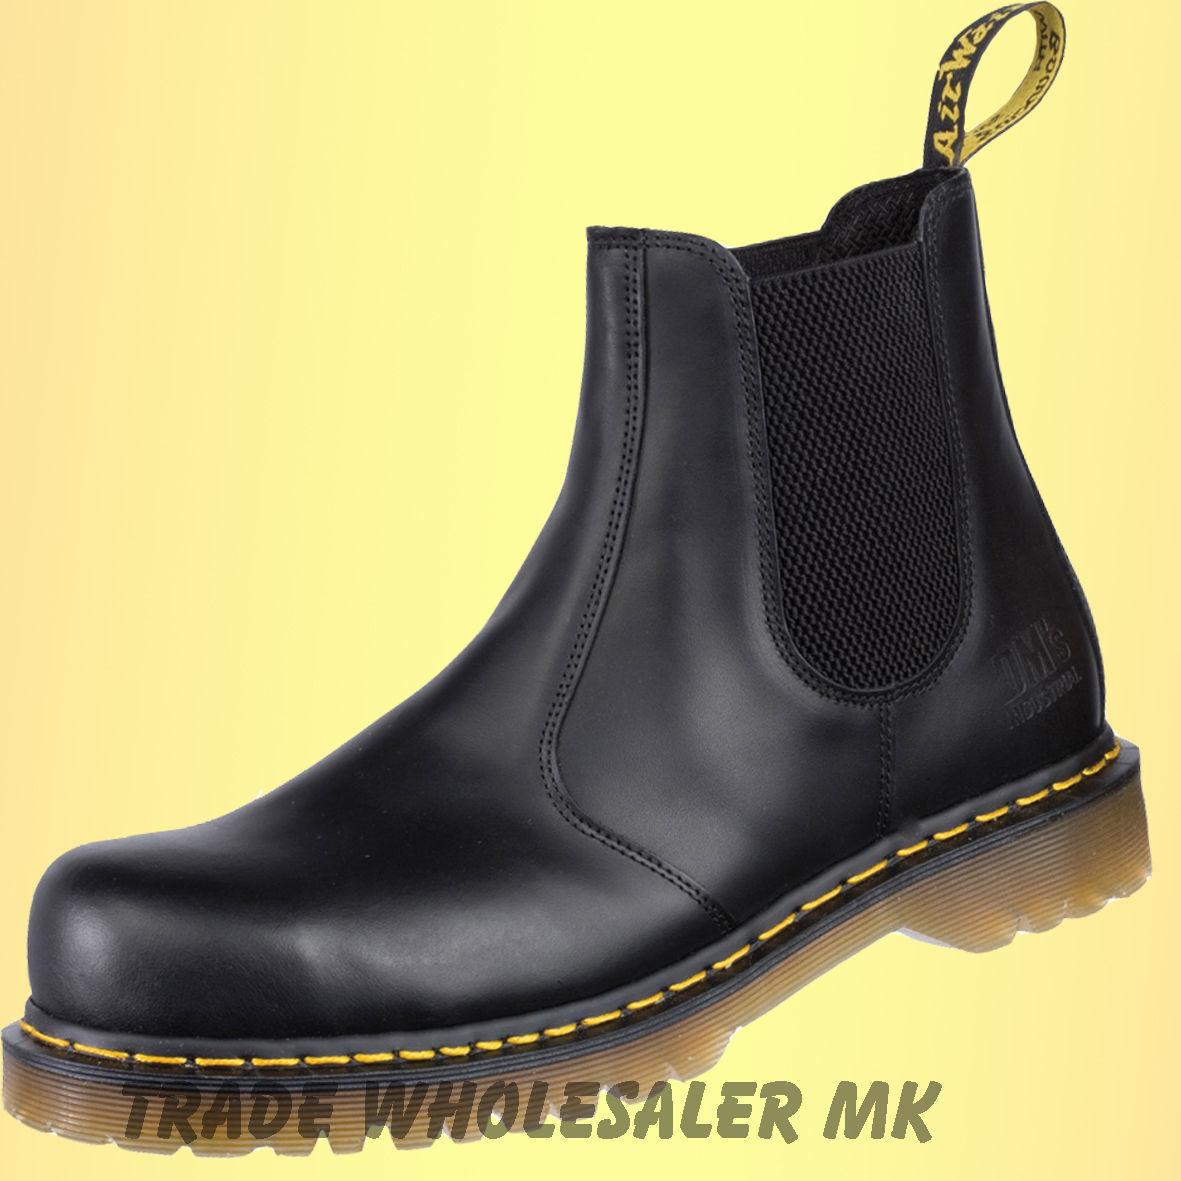 Dr. Martens iCON Gelb Stitch Dealer AirWair Steel Toe Cap Safety Stiefel Chelsea    | Das hochwertigste Material